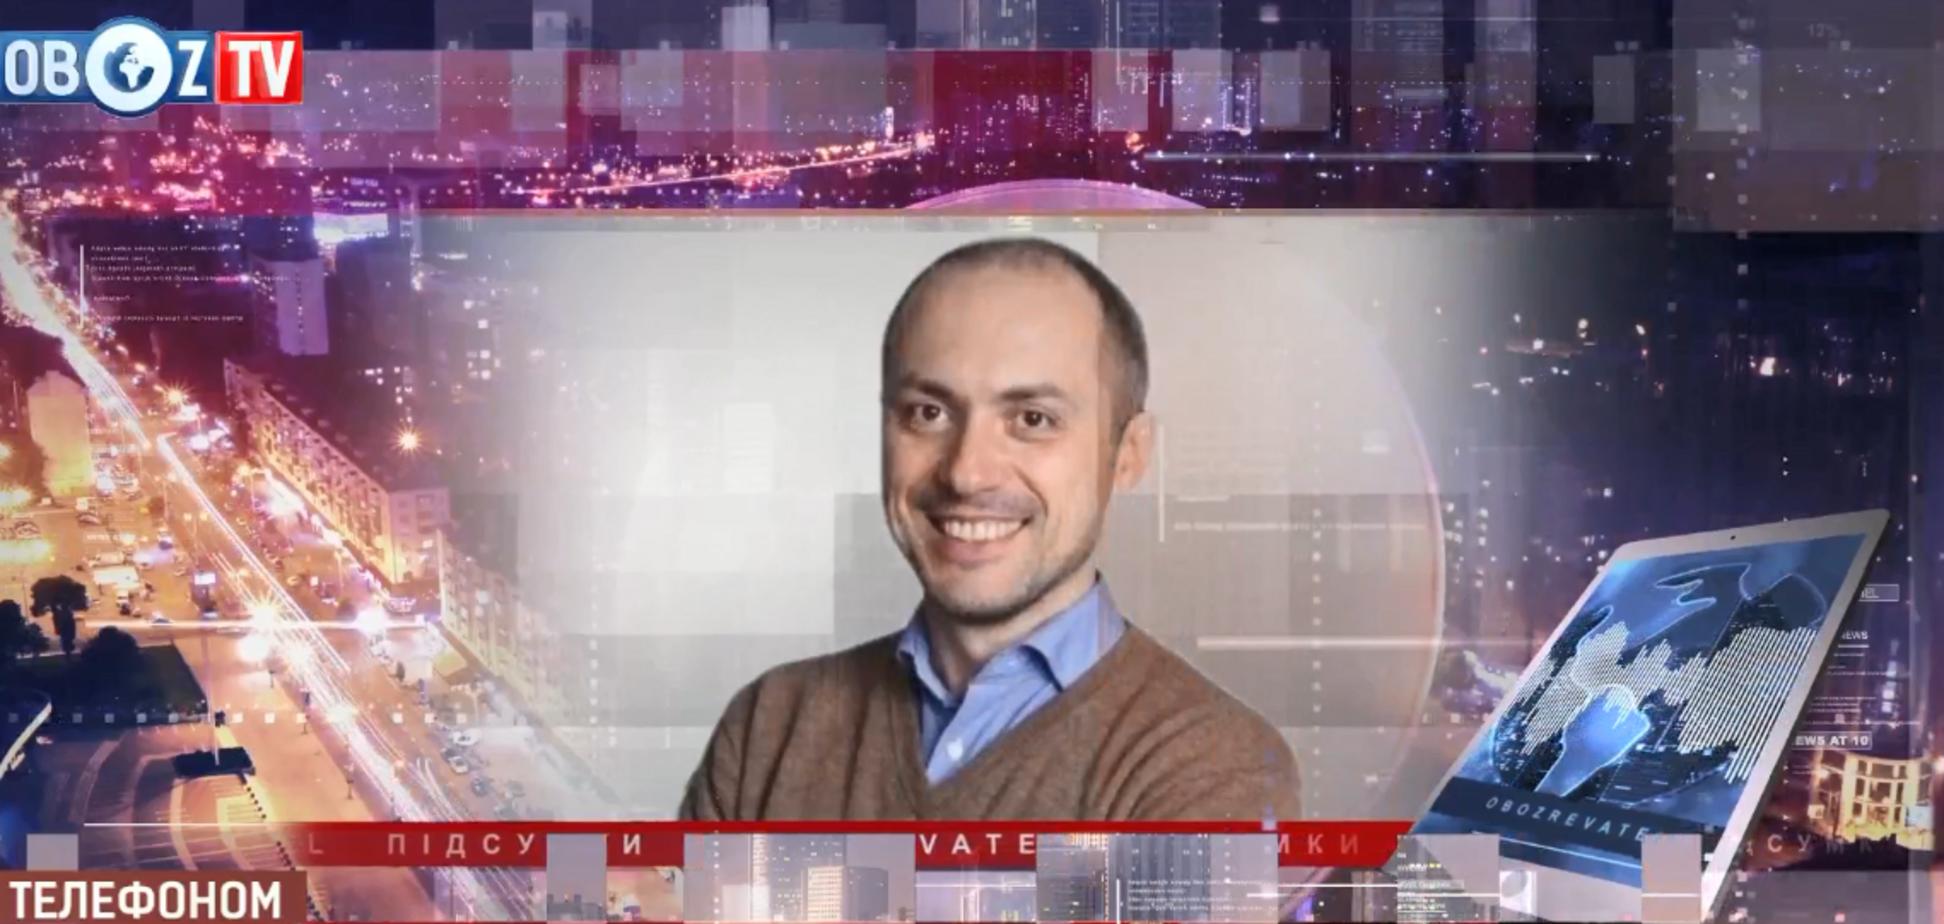 Запуск рынка земли: экономист оценил готовность Украины